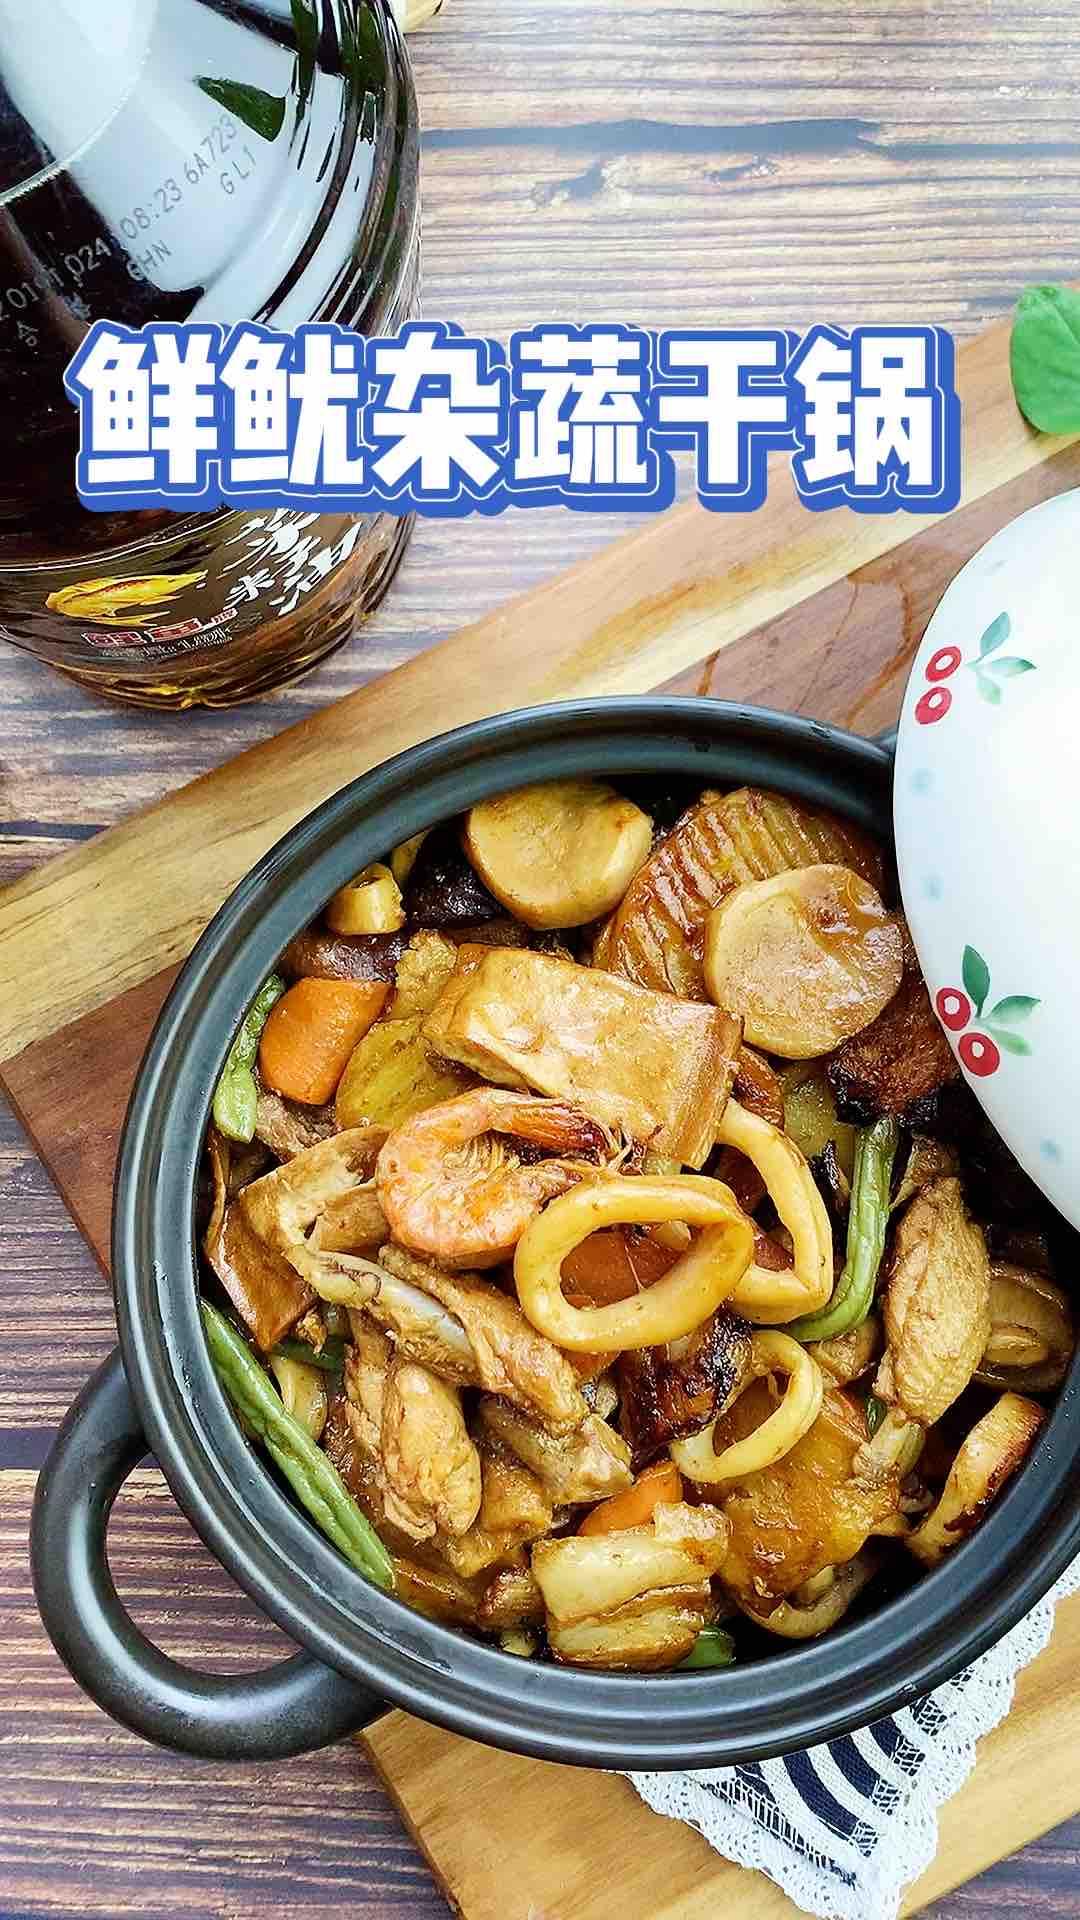 鮮魷雜蔬干鍋